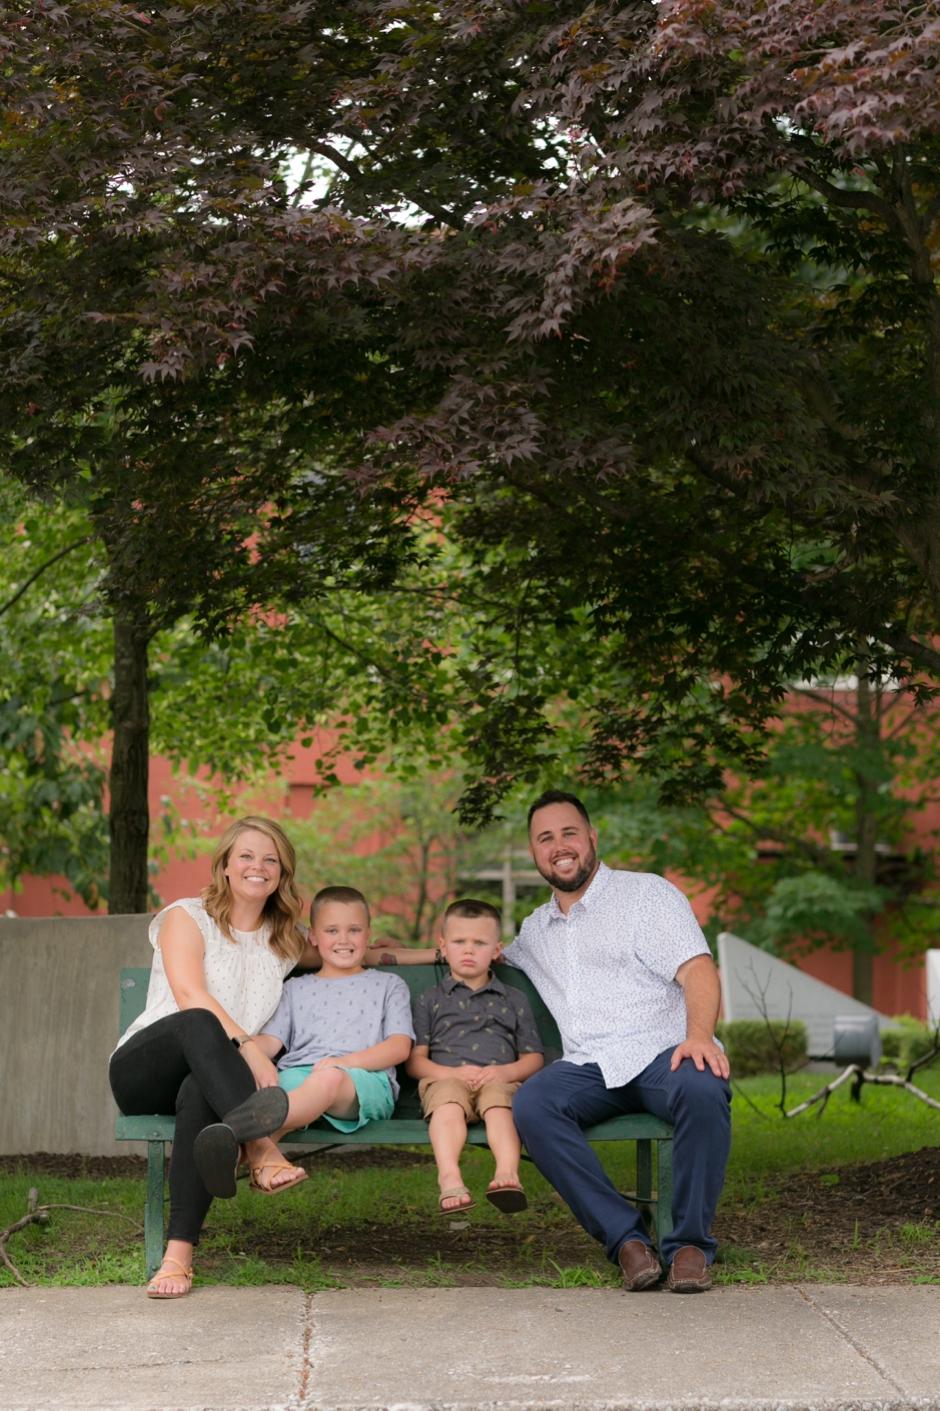 real-family-photography-joy-018.jpg